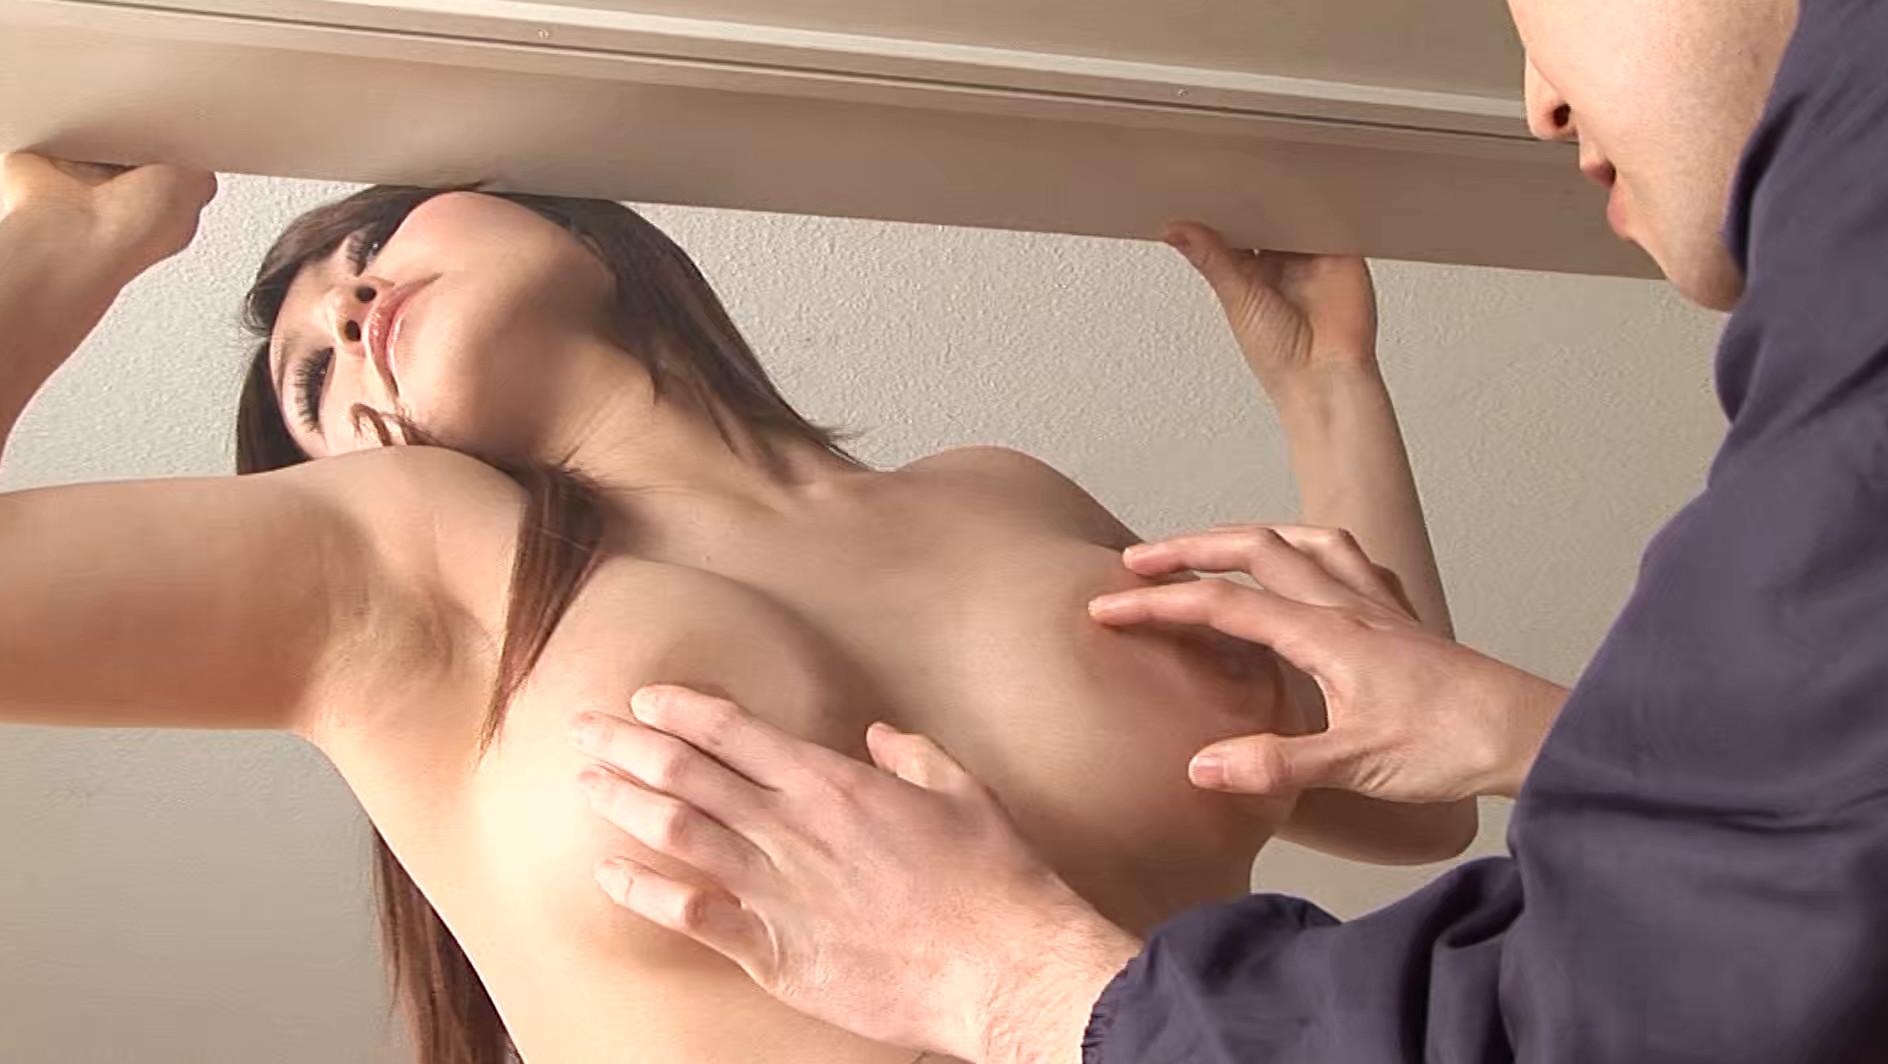 ノーブラ巨乳をひたすら揉みしだきSEX(2) 画像16